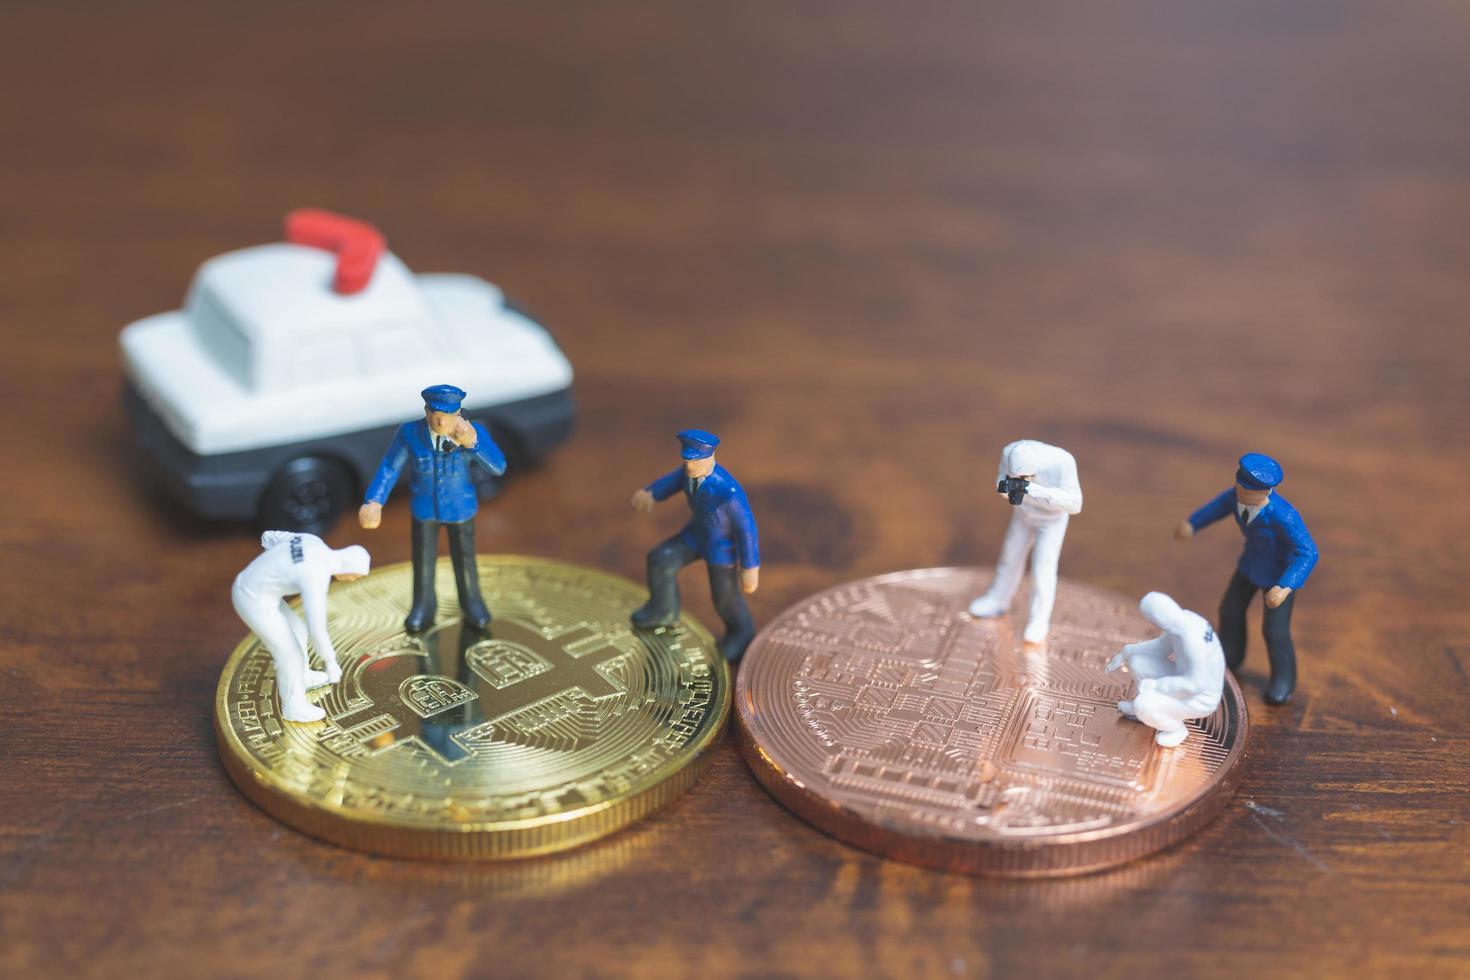 Policía y detectives en miniatura de pie delante de la criptomoneda bitcoin, concepto de ciberdelincuencia foto